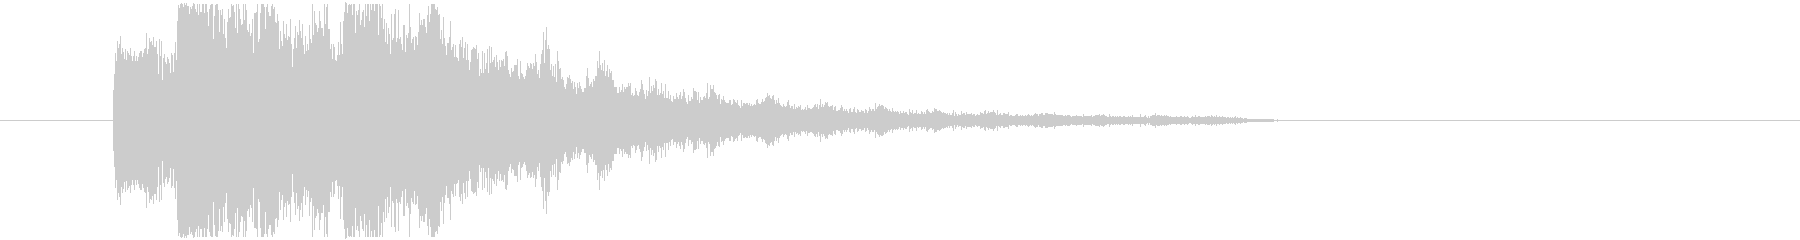 不気味なアルペジオ 9の未再生の波形